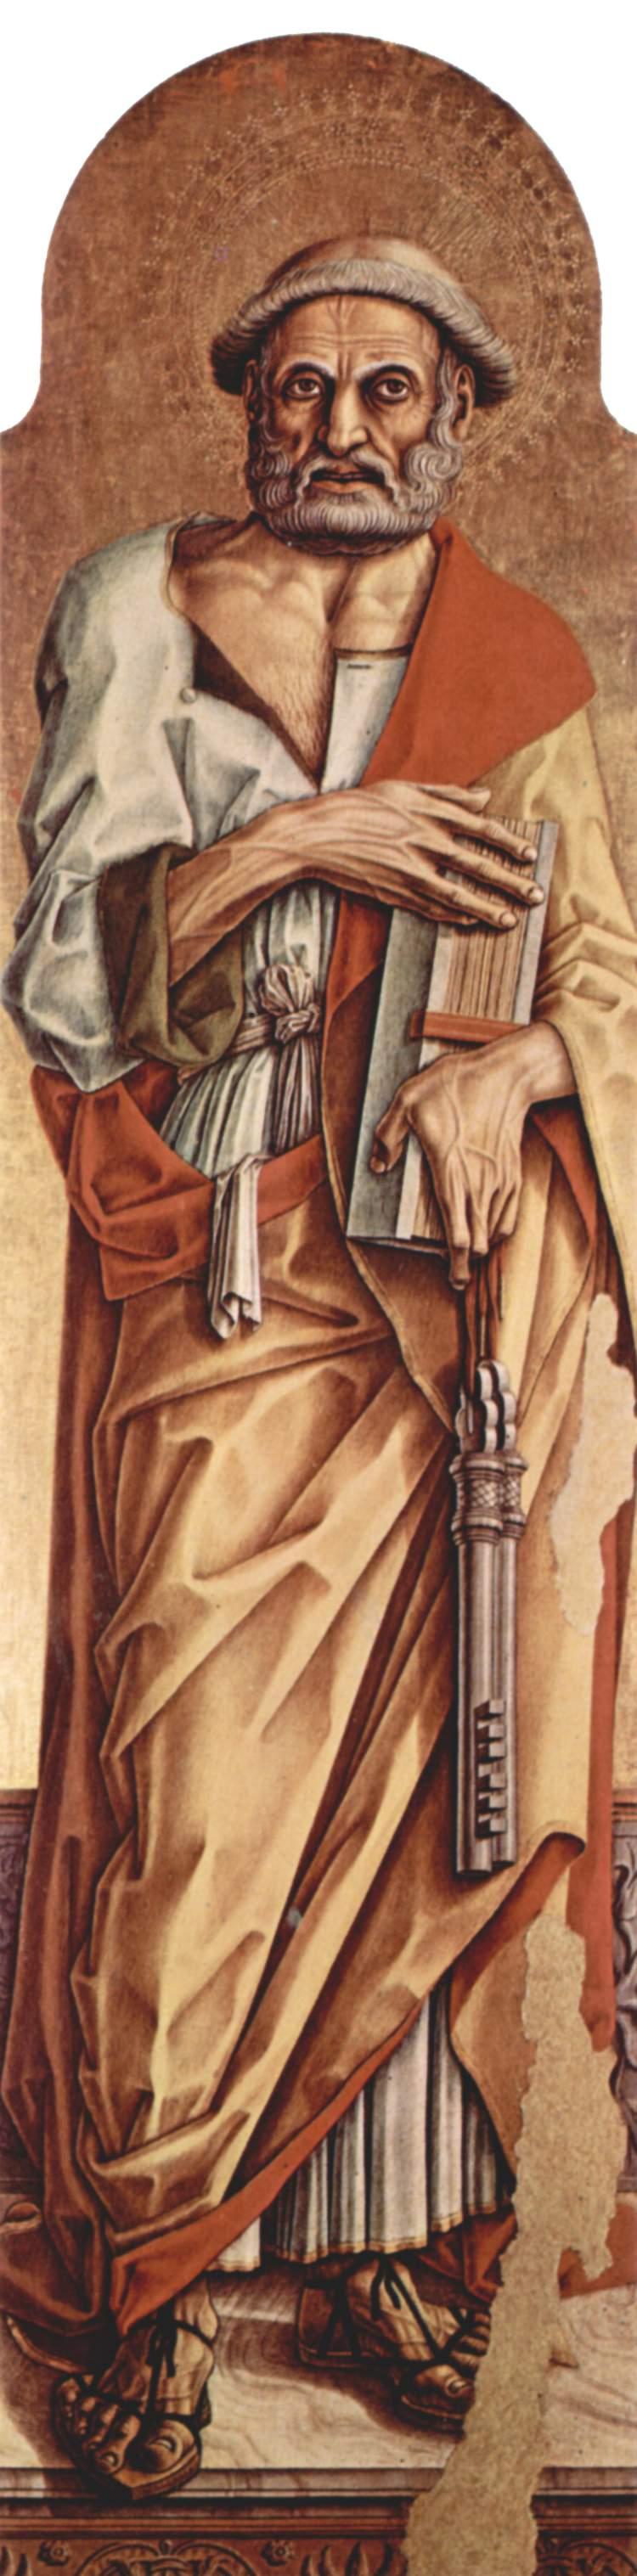 Алтарный полиптих церкви Сан Франческо в Монтефиоре дель Ассо, левая створка внутренняя сторона, Карло Кривелли